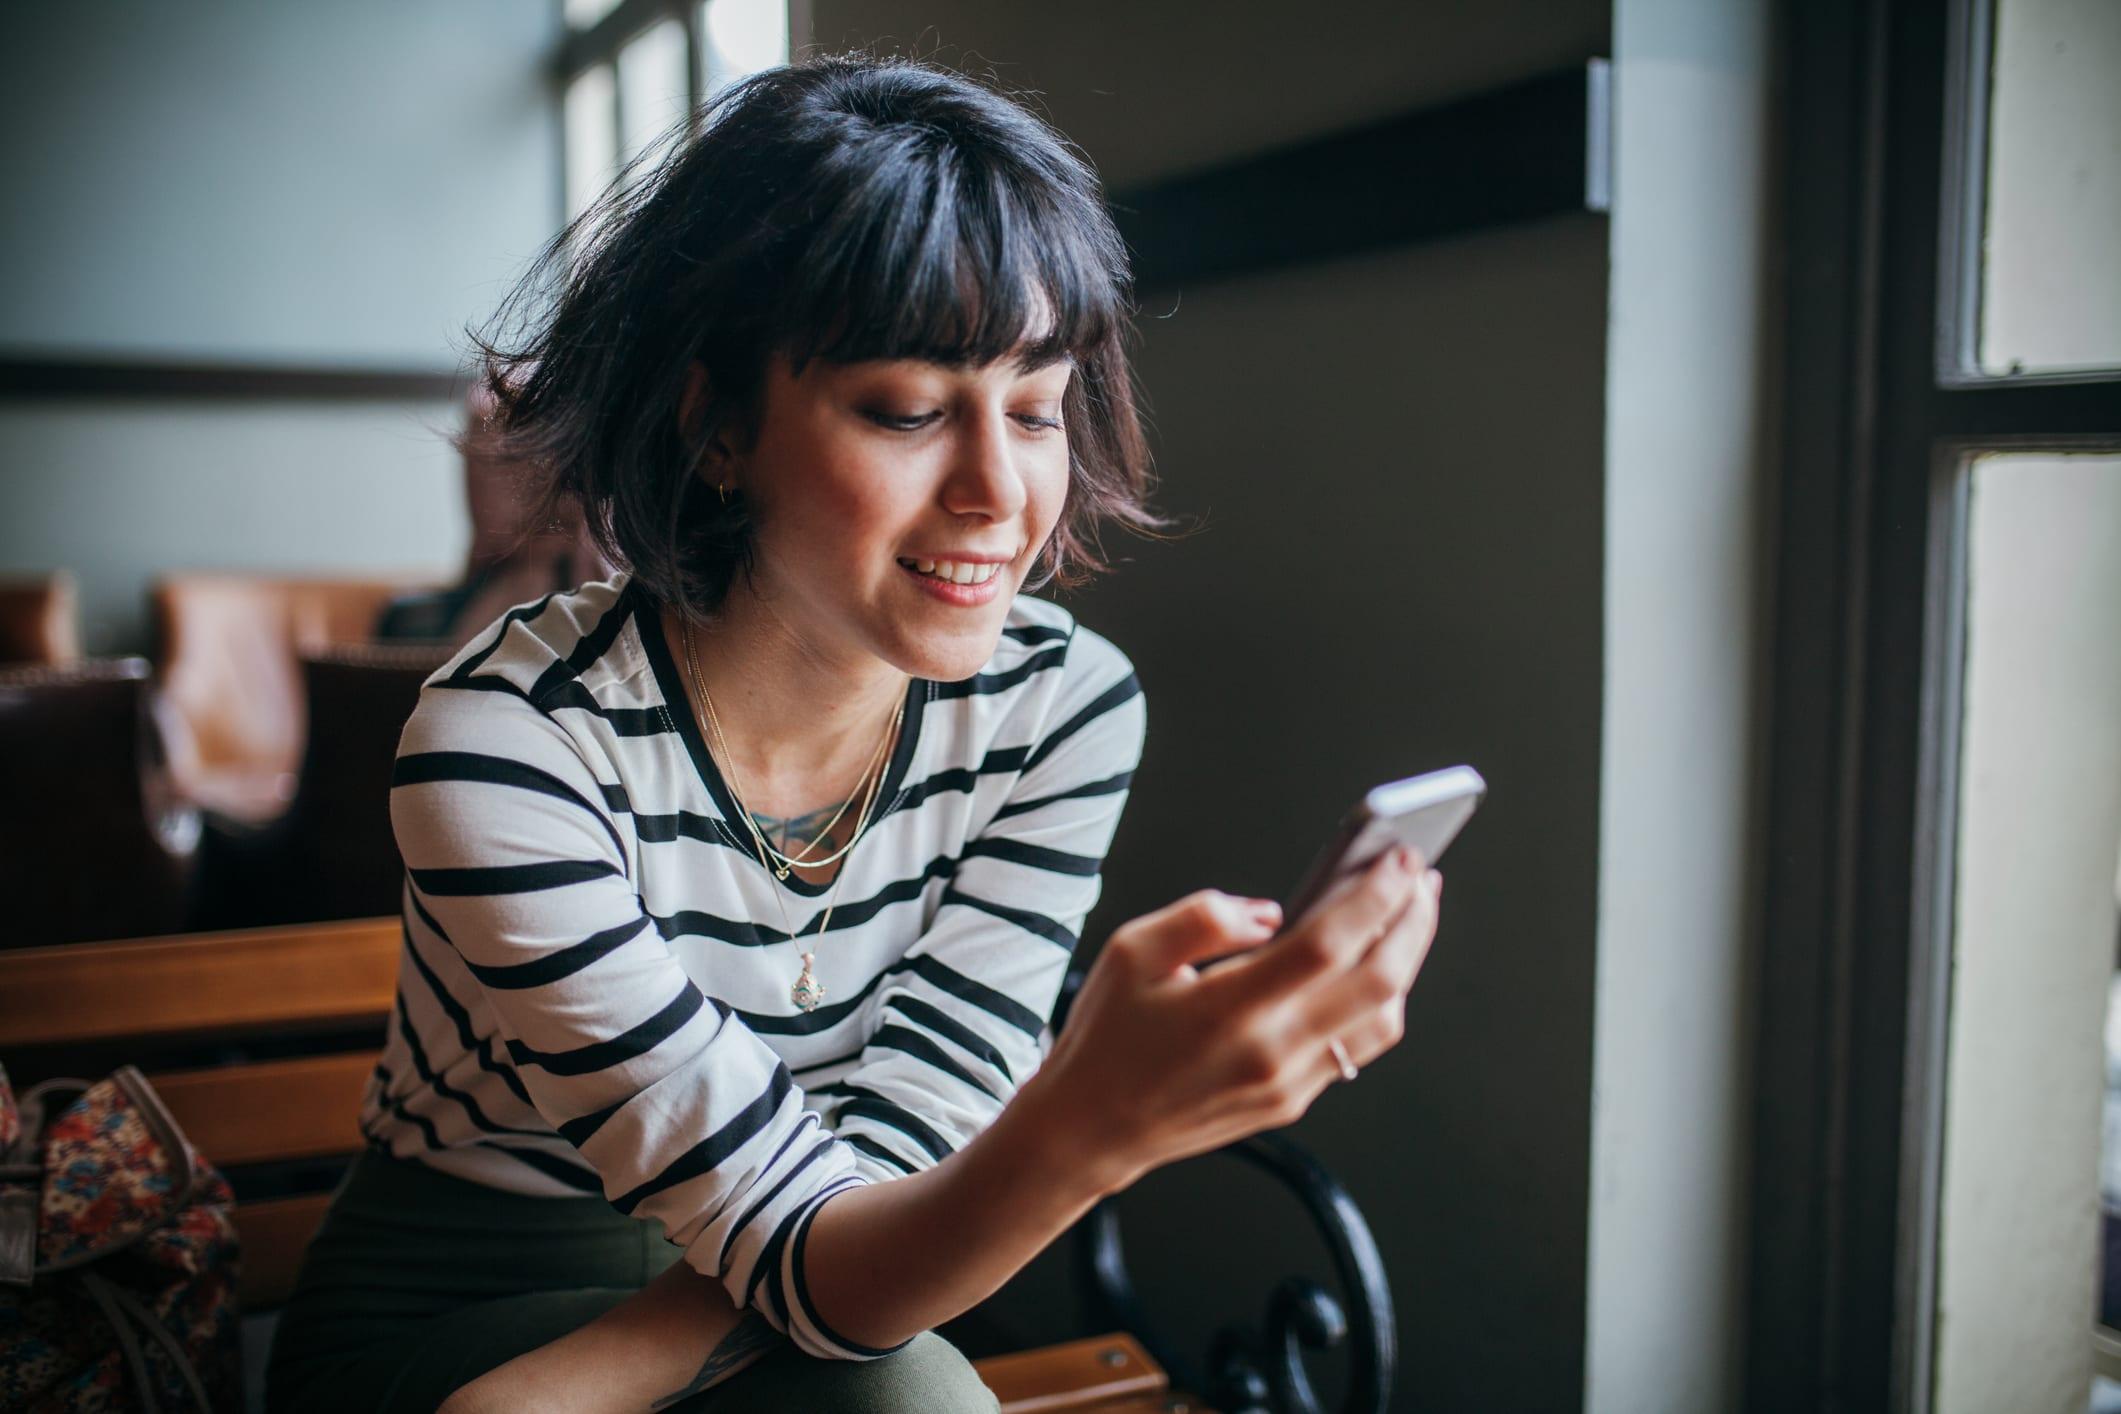 U kunt uzelf immers niet 'vastketenen' aan de vaste lijn. En puur werken met een mobiel nummer? Dat lost het probleem wel op, maar oogt een stuk minder professioneel. De oplossing?